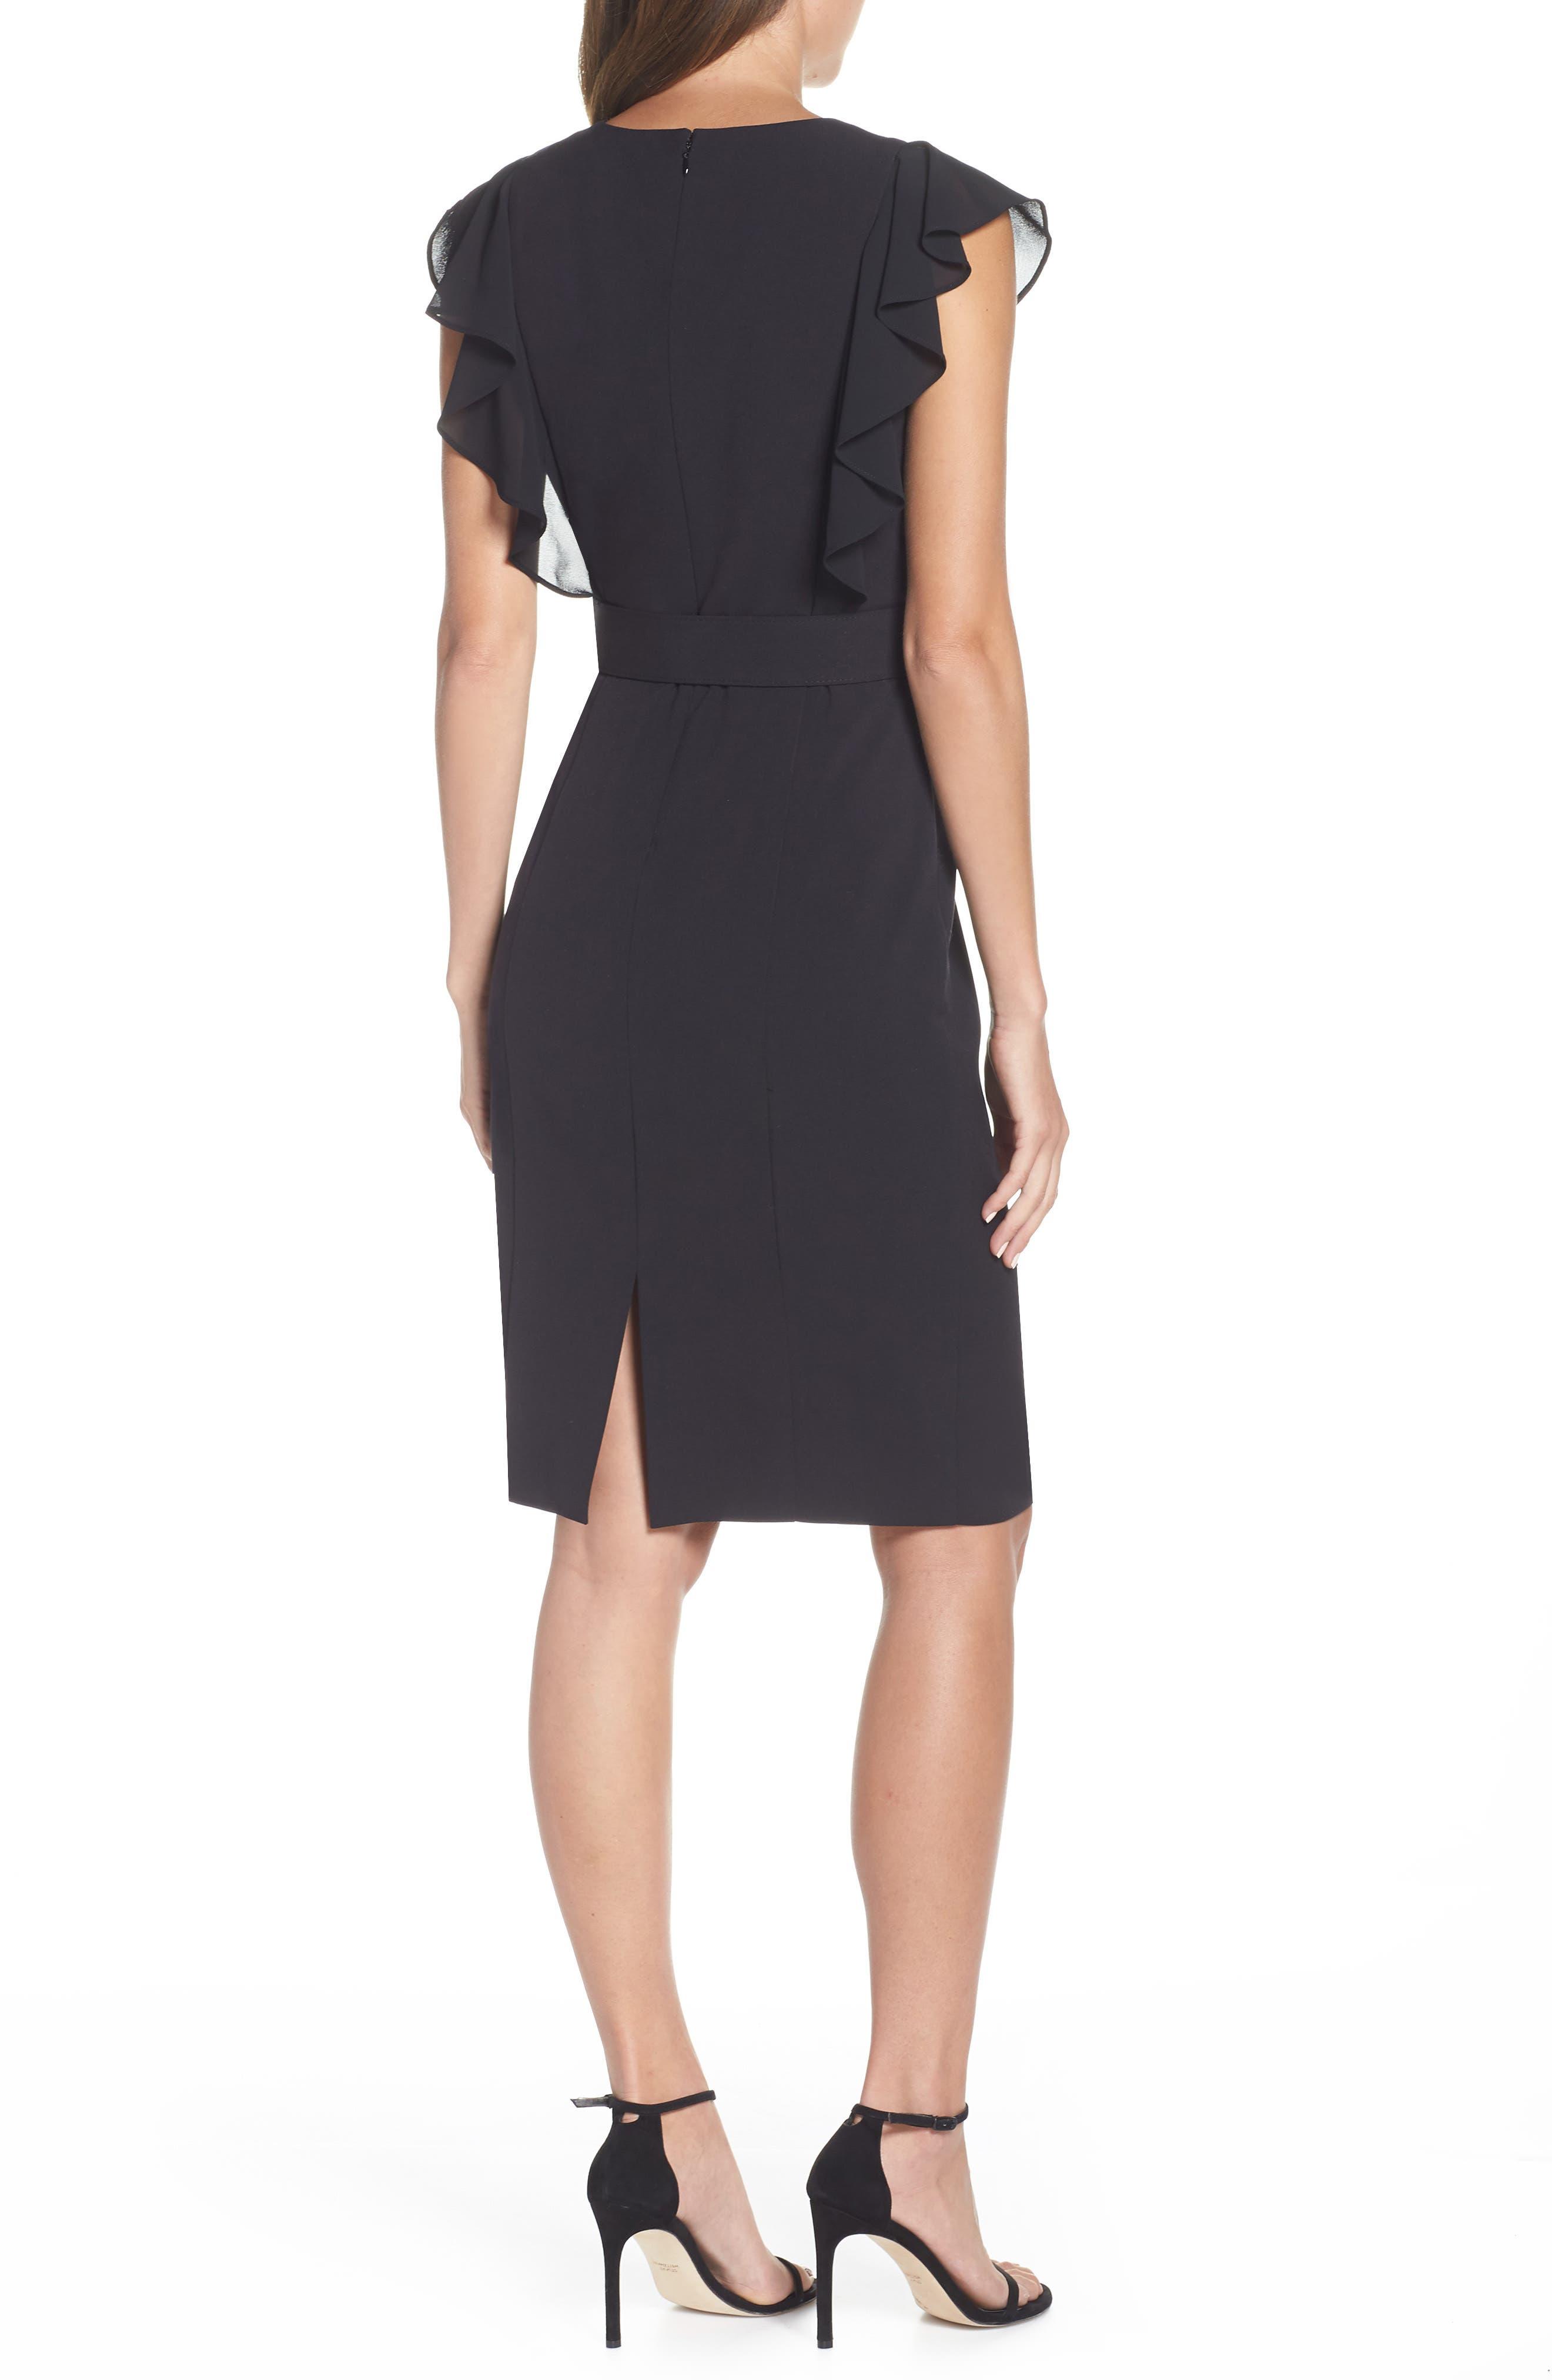 HARPER ROSE,                             Belted Sheath Dress,                             Alternate thumbnail 2, color,                             BLACK